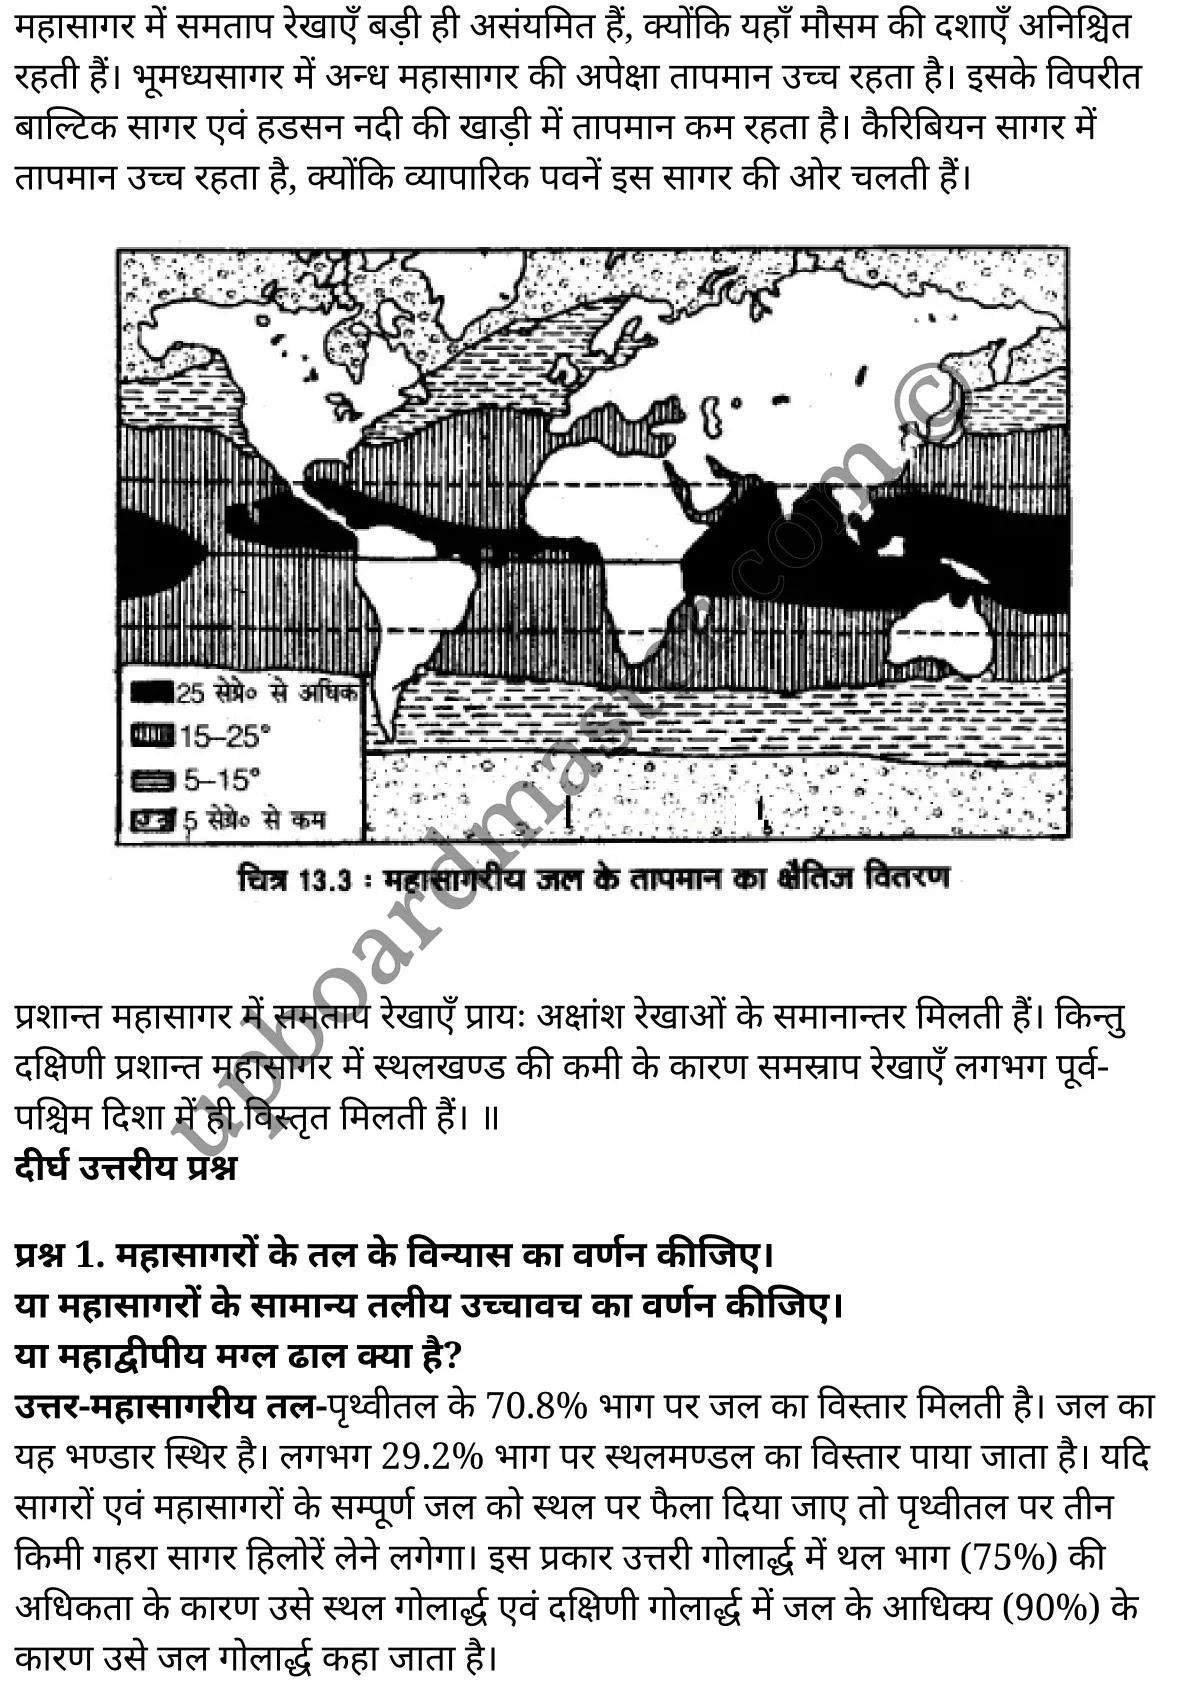 कक्षा 11 भूगोल अध्याय 13  के नोट्स  हिंदी में एनसीईआरटी समाधान,   class 11 geography chapter 13,  class 11 geography chapter 13 ncert solutions in geography,  class 11 geography chapter 13 notes in hindi,  class 11 geography chapter 13 question answer,  class 11 geography  chapter 13 notes,  class 11 geography  chapter 13 class 11 geography  chapter 13 in  hindi,   class 11 geography chapter 13 important questions in  hindi,  class 11 geography hindi  chapter 13 notes in hindi,   class 11 geography  chapter 13 test,  class 11 sahityik hindi  chapter 13 class 11 geography  chapter 13 pdf,  class 11 geography chapter 13 notes pdf,  class 11 geography  chapter 13 exercise solutions,  class 11 geography  chapter 13, class 11 geography  chapter 13 notes study rankers,  class 11 geography  chapter 13 notes,  class 11 geography hindi  chapter 13 notes,   class 11 geography chapter 13  class 11  notes pdf,  class 11 geography  chapter 13 class 11  notes  ncert,  class 11 geography  chapter 13 class 11 pdf,  class 11 geography chapter 13  book,  class 11 geography chapter 13 quiz class 11  ,     11  th class 11 geography chapter 13    book up board,   up board 11  th class 11 geography chapter 13 notes,  कक्षा 11 भूगोल अध्याय 13 , कक्षा 11 भूगोल, कक्षा 11 भूगोल अध्याय 13  के नोट्स हिंदी में, कक्षा 11 का भूगोल अध्याय 13 का प्रश्न उत्तर, कक्षा 11 भूगोल अध्याय 13 के नोट्स, 11 कक्षा भूगोल 13  हिंदी में,कक्षा 11 भूगोल अध्याय 13  हिंदी में, कक्षा 11 भूगोल अध्याय 13  महत्वपूर्ण प्रश्न हिंदी में,कक्षा 11 भूगोल  हिंदी के नोट्स  हिंदी में,भूगोल हिंदी कक्षा 11 नोट्स pdf,   भूगोल हिंदी  कक्षा 11 नोट्स 2021 ncert,  भूगोल हिंदी  कक्षा 11 pdf,  भूगोल हिंदी  पुस्तक,  भूगोल हिंदी की बुक,  भूगोल हिंदी  प्रश्नोत्तरी class 11 , 11   वीं भूगोल  पुस्तक up board,  बिहार बोर्ड 11  पुस्तक वीं भूगोल नोट्स,   भूगोल  कक्षा 11 नोट्स 2021 ncert,  भूगोल  कक्षा 11 pdf,  भूगोल  पुस्तक,  भूगोल की बुक,  भूगोल  प्रश्नोत्तरी class 11,   11th geography   book in hindi,11th geography notes in hindi,cbse books for